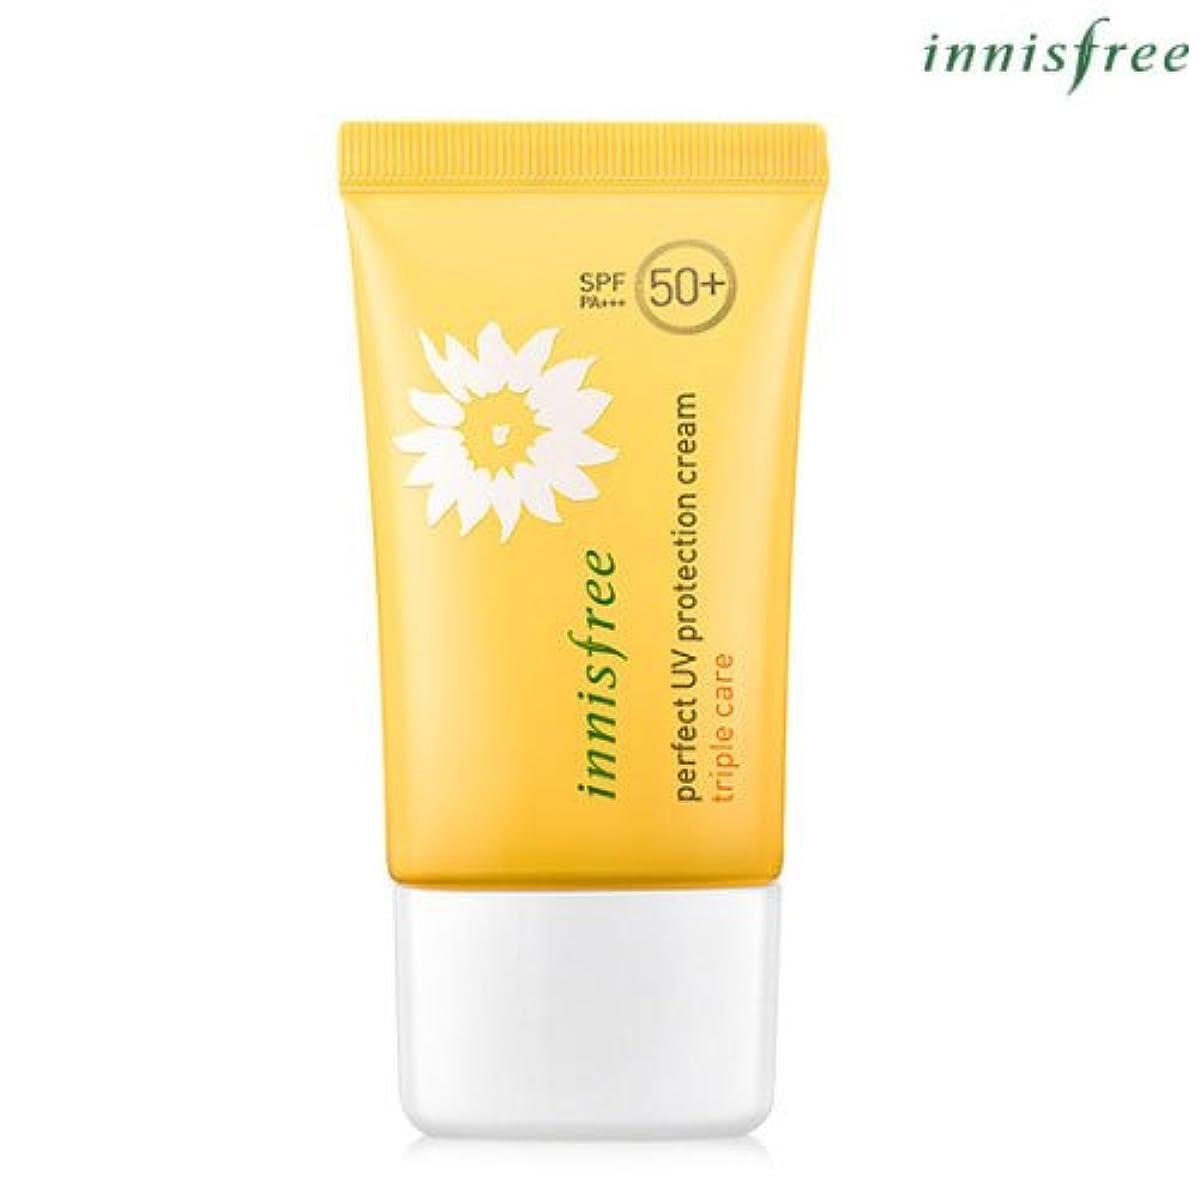 不正確回転させる敬意[INNISFREE]イニスフリーパーフェクトUV プロテクション クリームトリプルケアSPF50+ PA+++ 50mL perfect UV protection cream triple care SPF50+ PA+++ 50mL [並行輸入品]